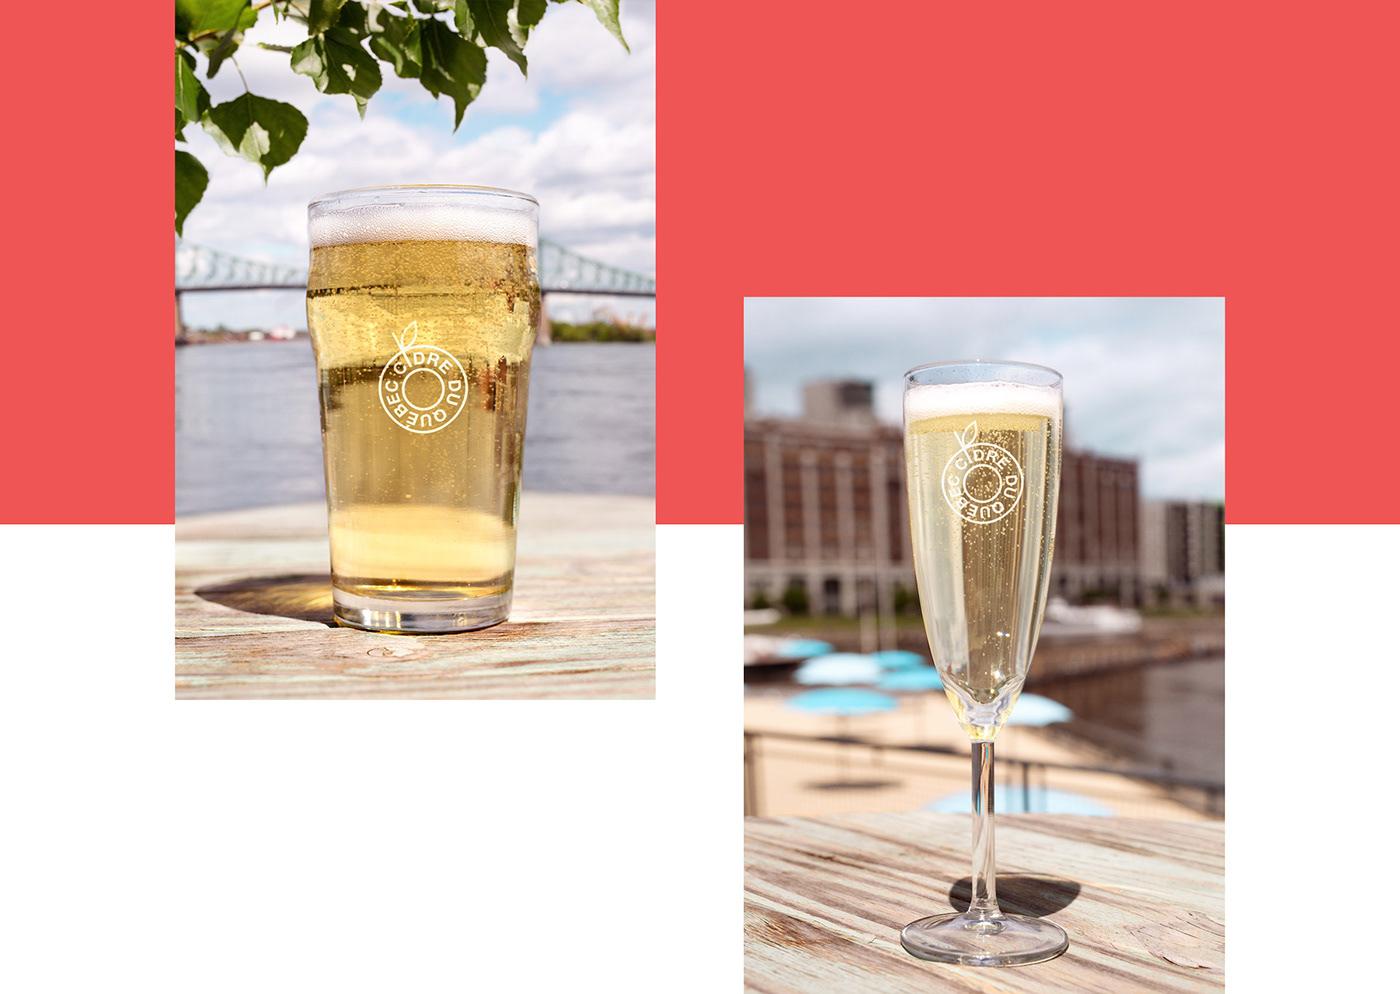 branding ,Image de marque,marque,cidre,cider,color,summer,ILLUSTRATION ,brand,motion